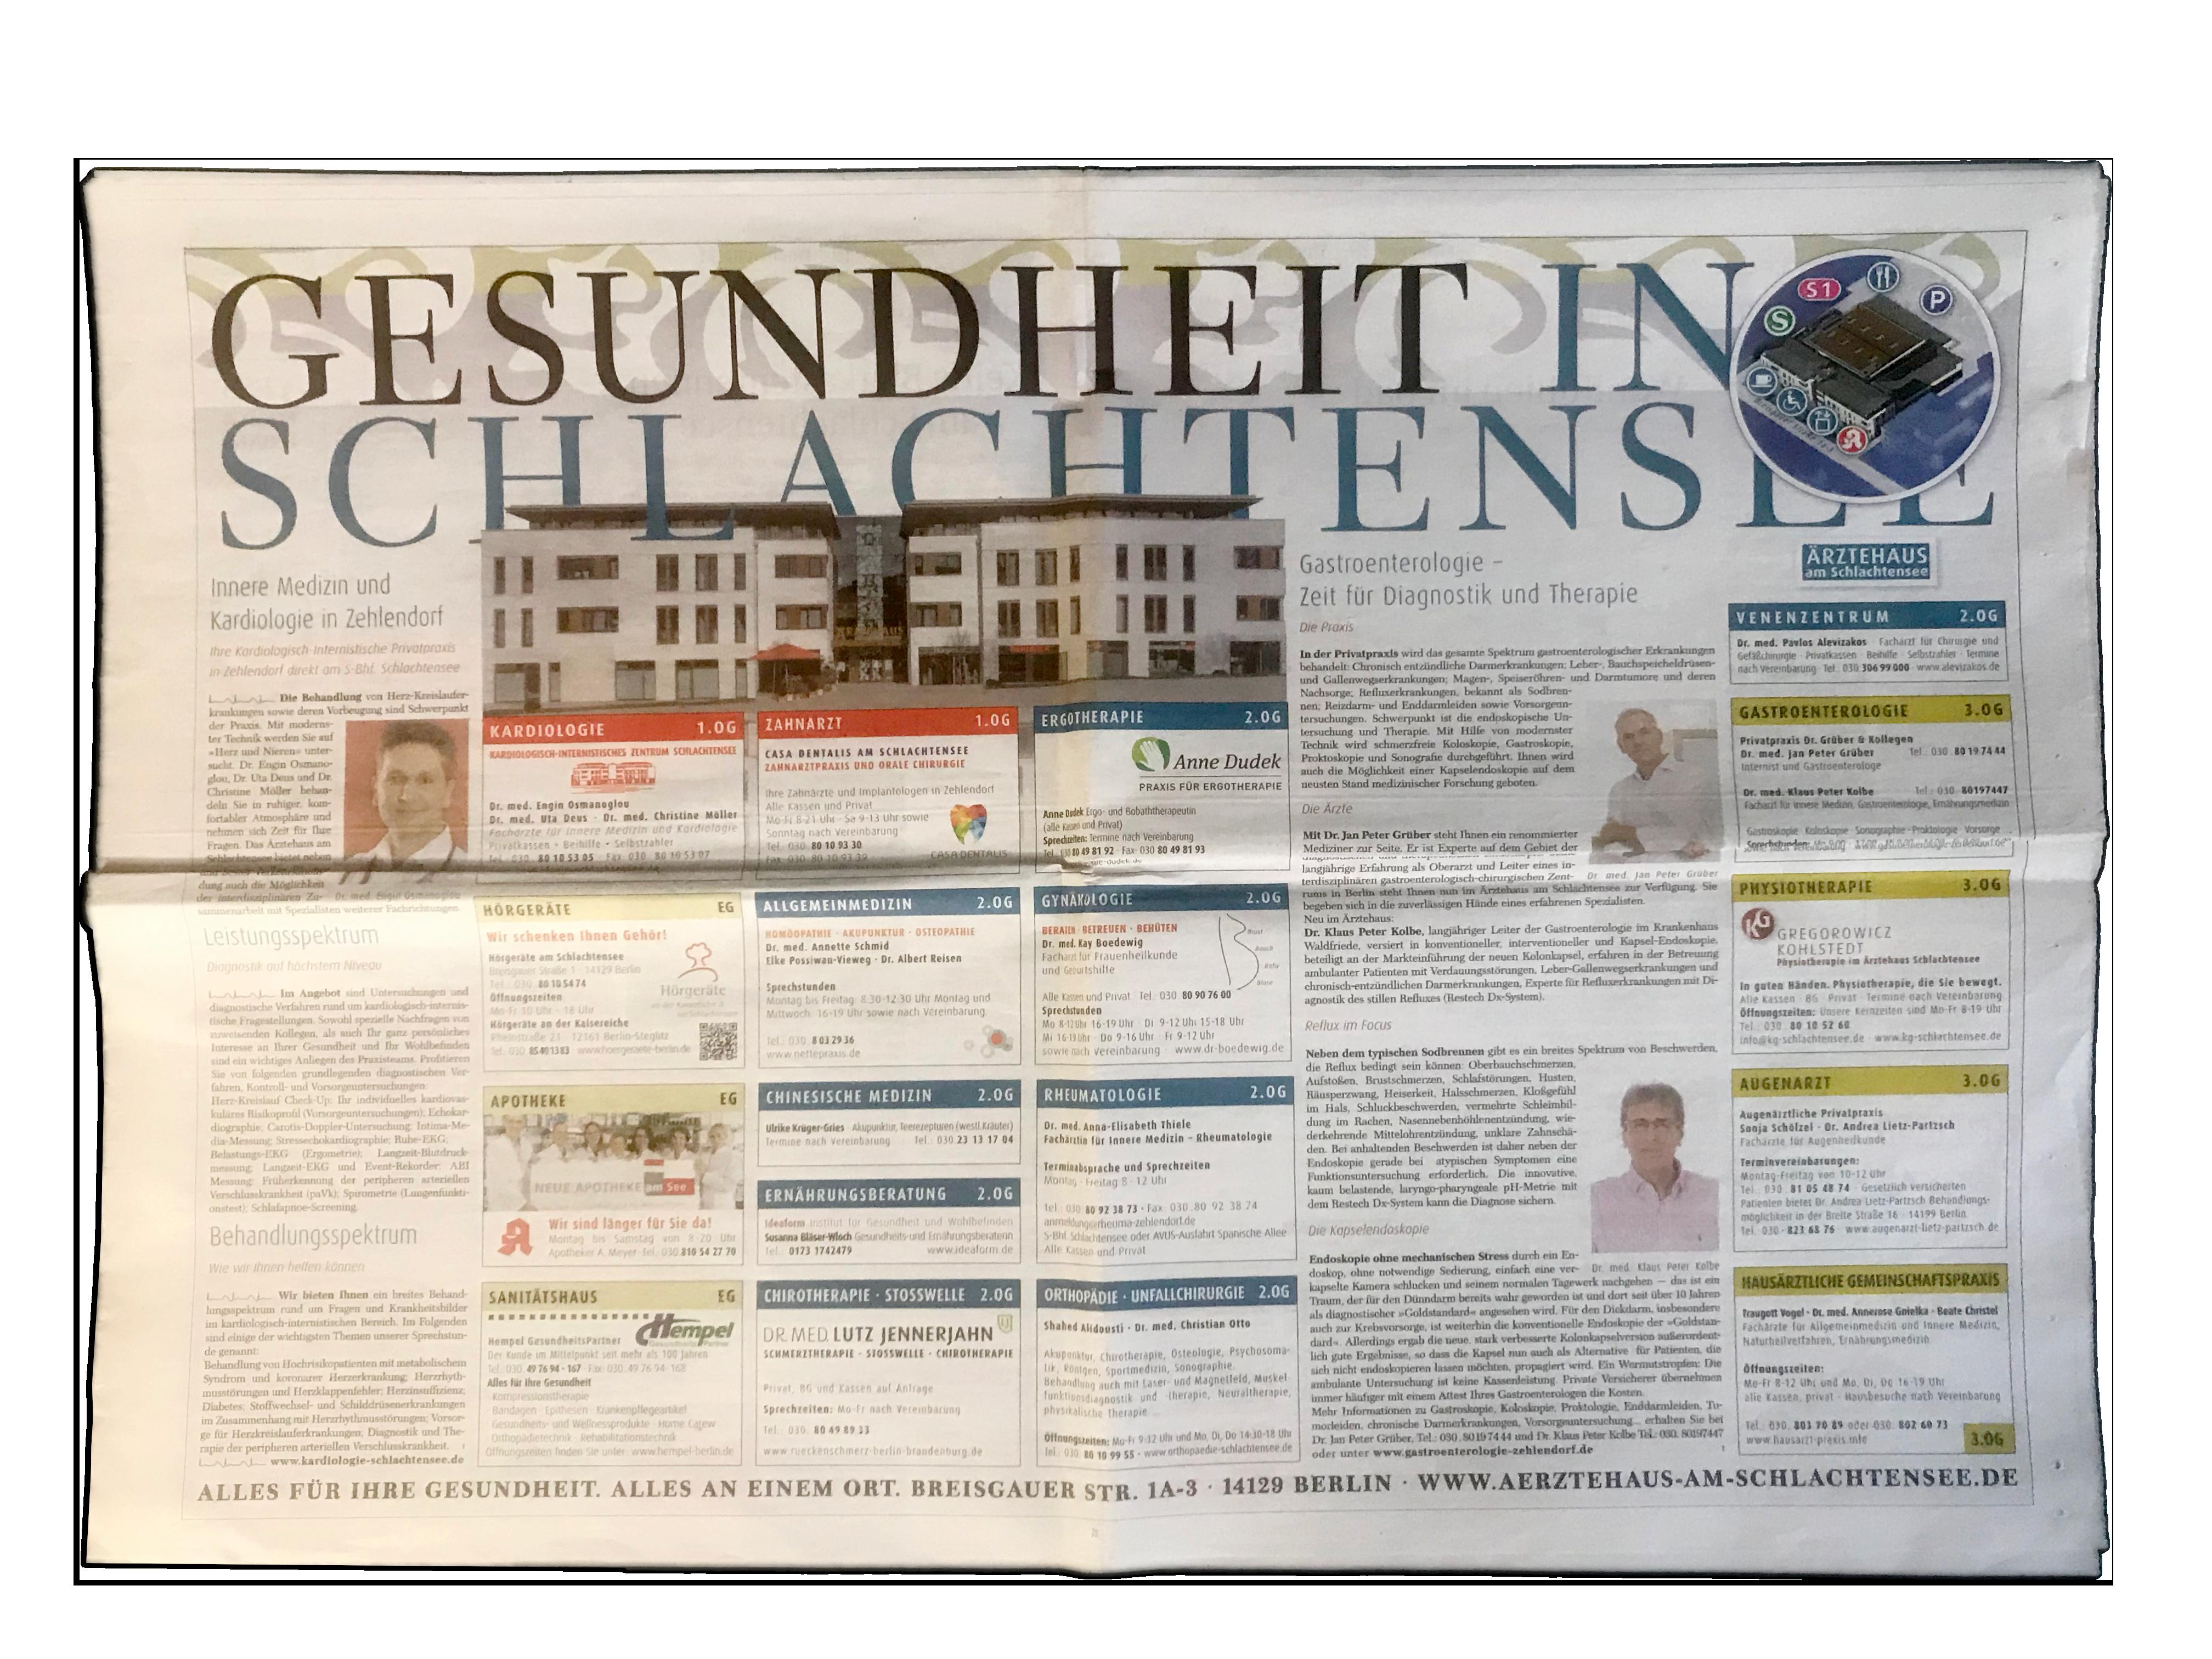 Gesund in Zehlendorf – Das Onlinemagazin Gesundheitsmagazin, Gesundheitszeitung, Informationen zu Gesundheitsthemen, Gesundheitsartikel, Gesundheitsnews, Fachartikel Gesundheit